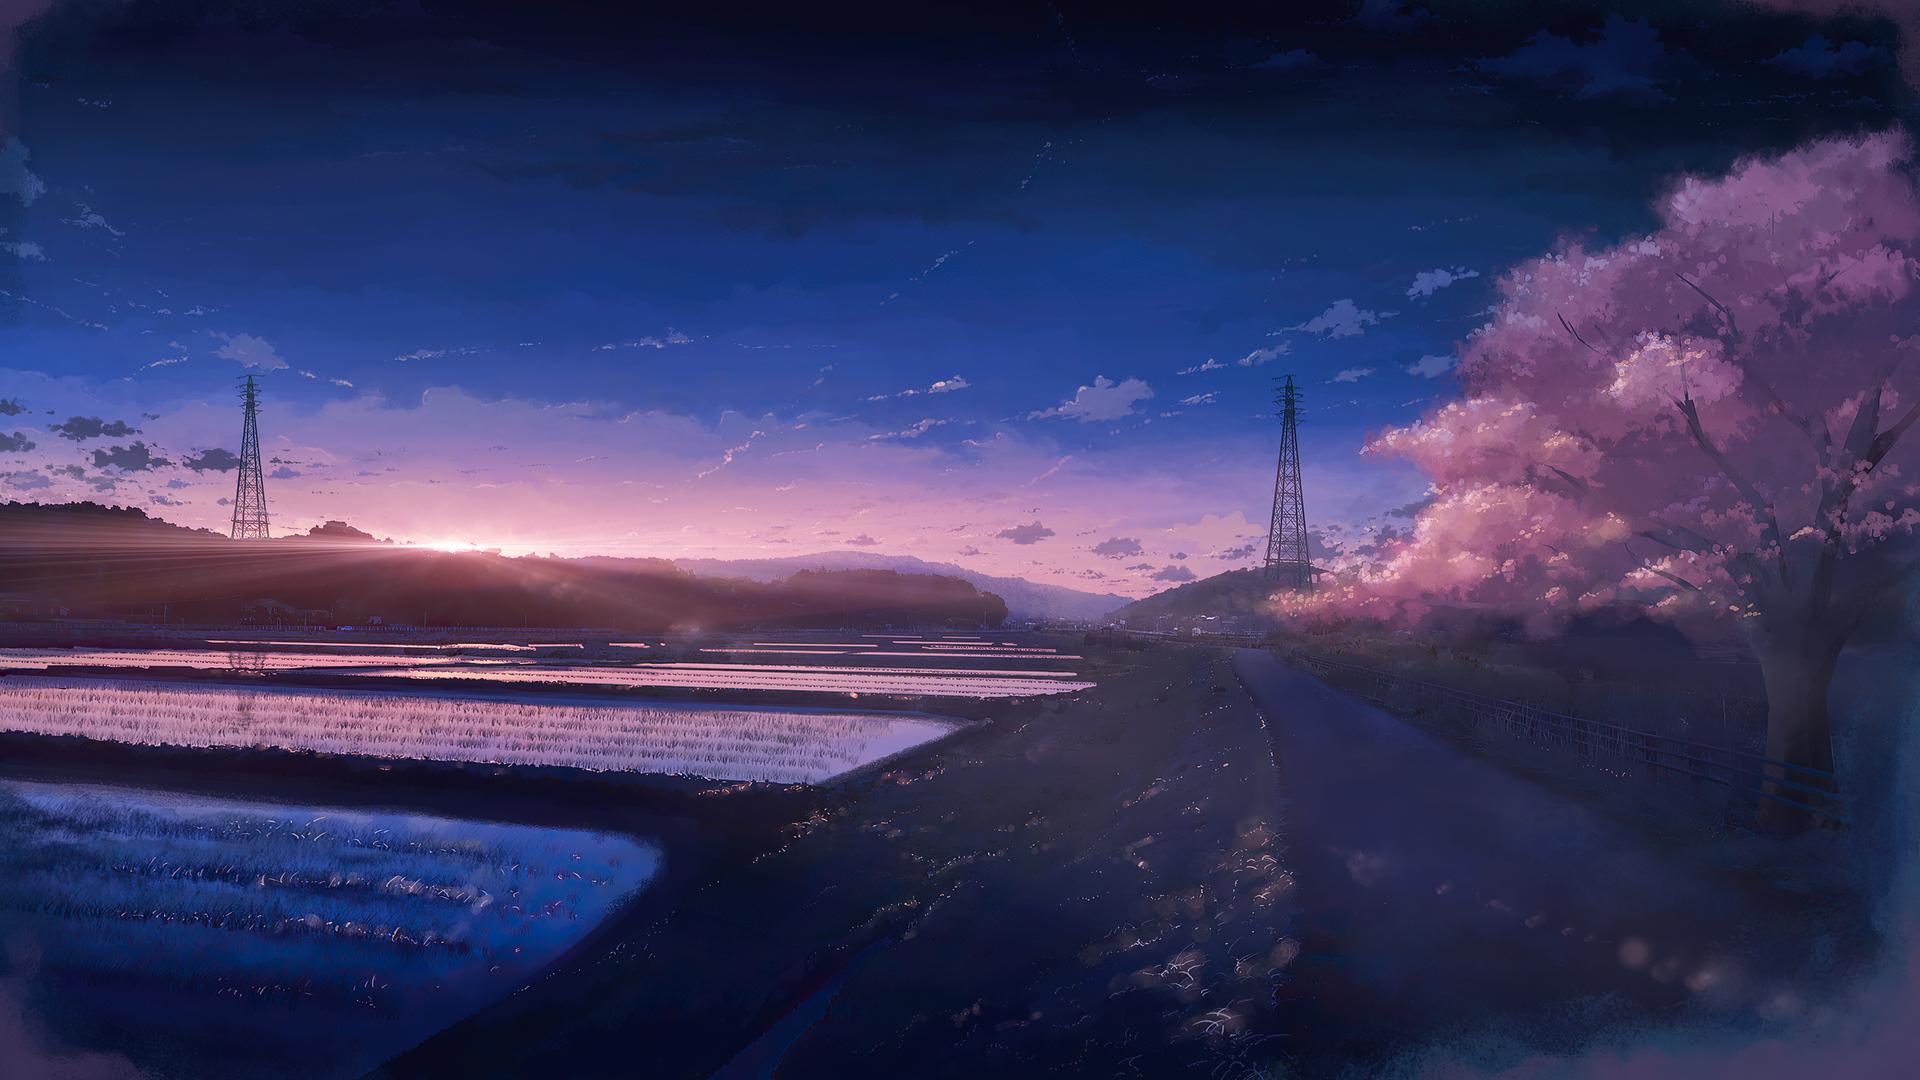 1920x1080 Anime Scenery Field 4k Laptop Full HD 1080P HD ...